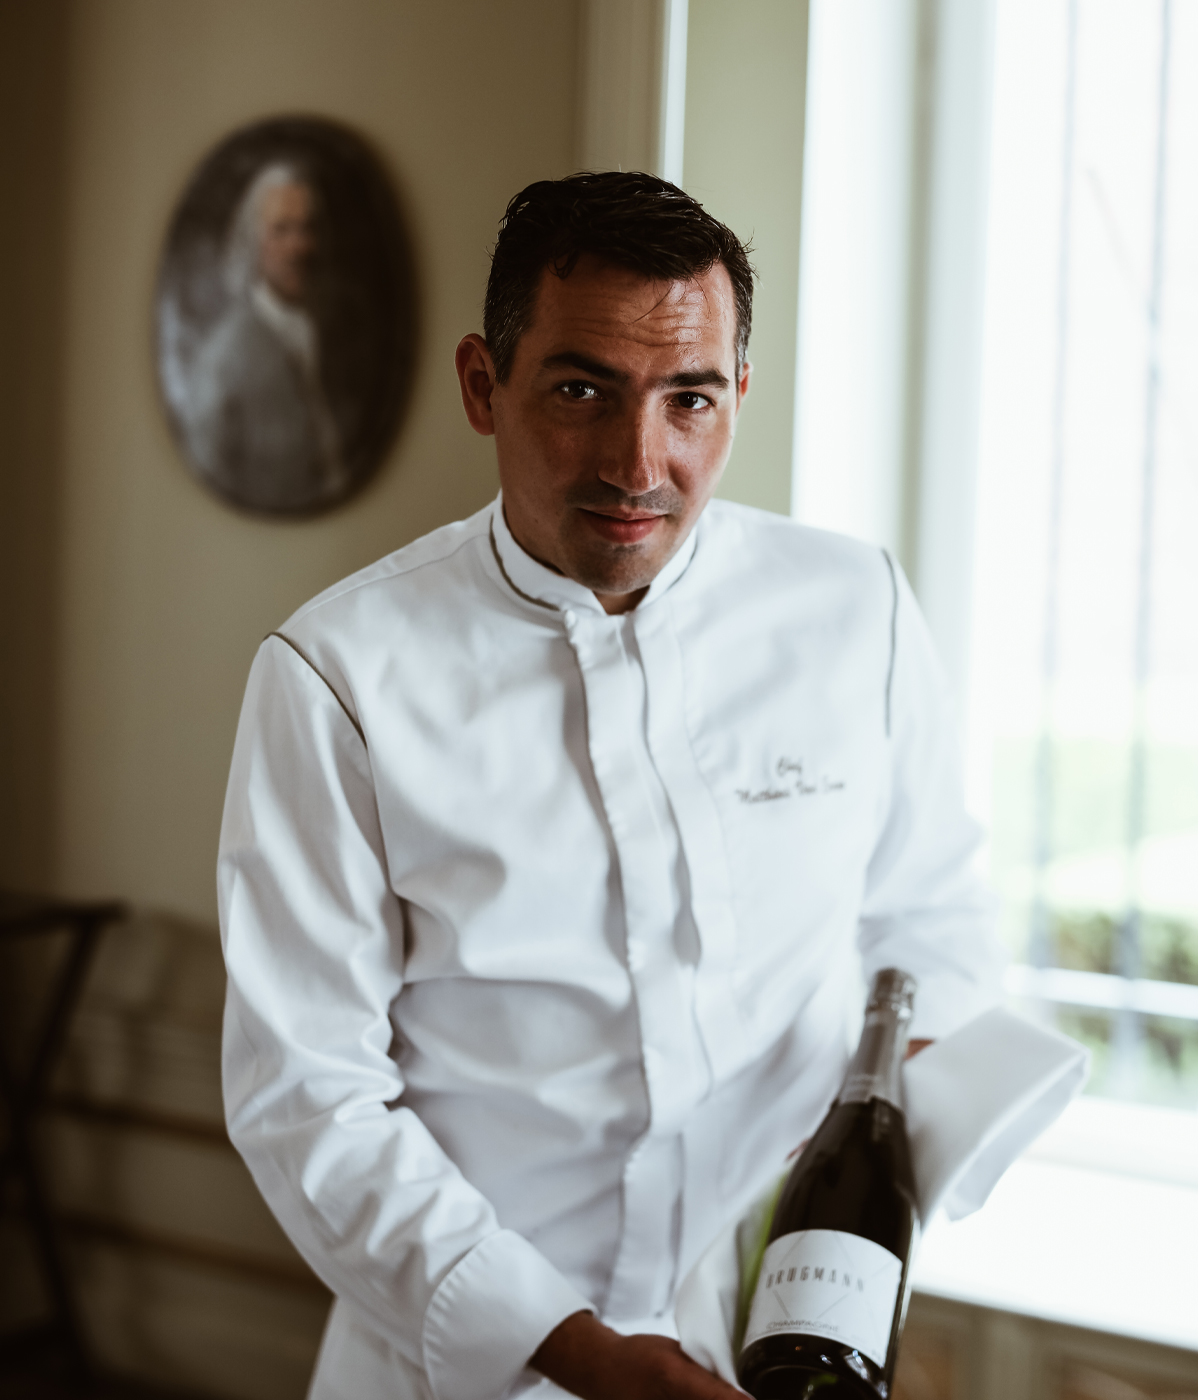 portrait chef Van eenoo